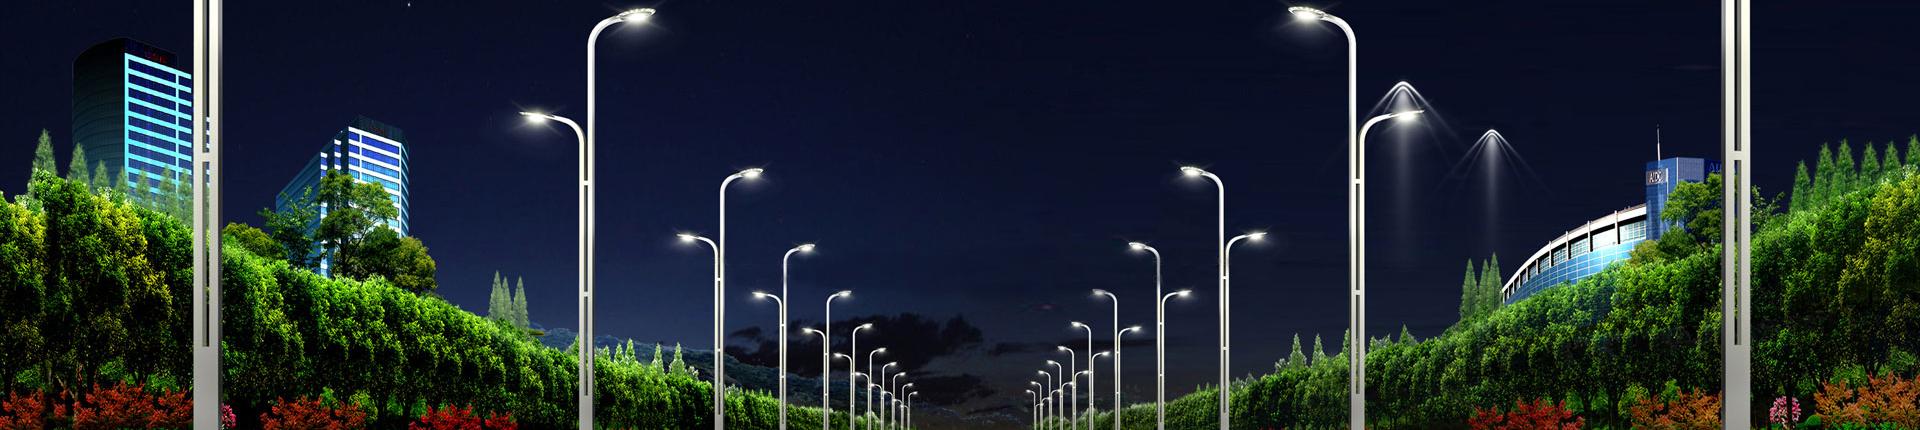 太阳能路灯公司